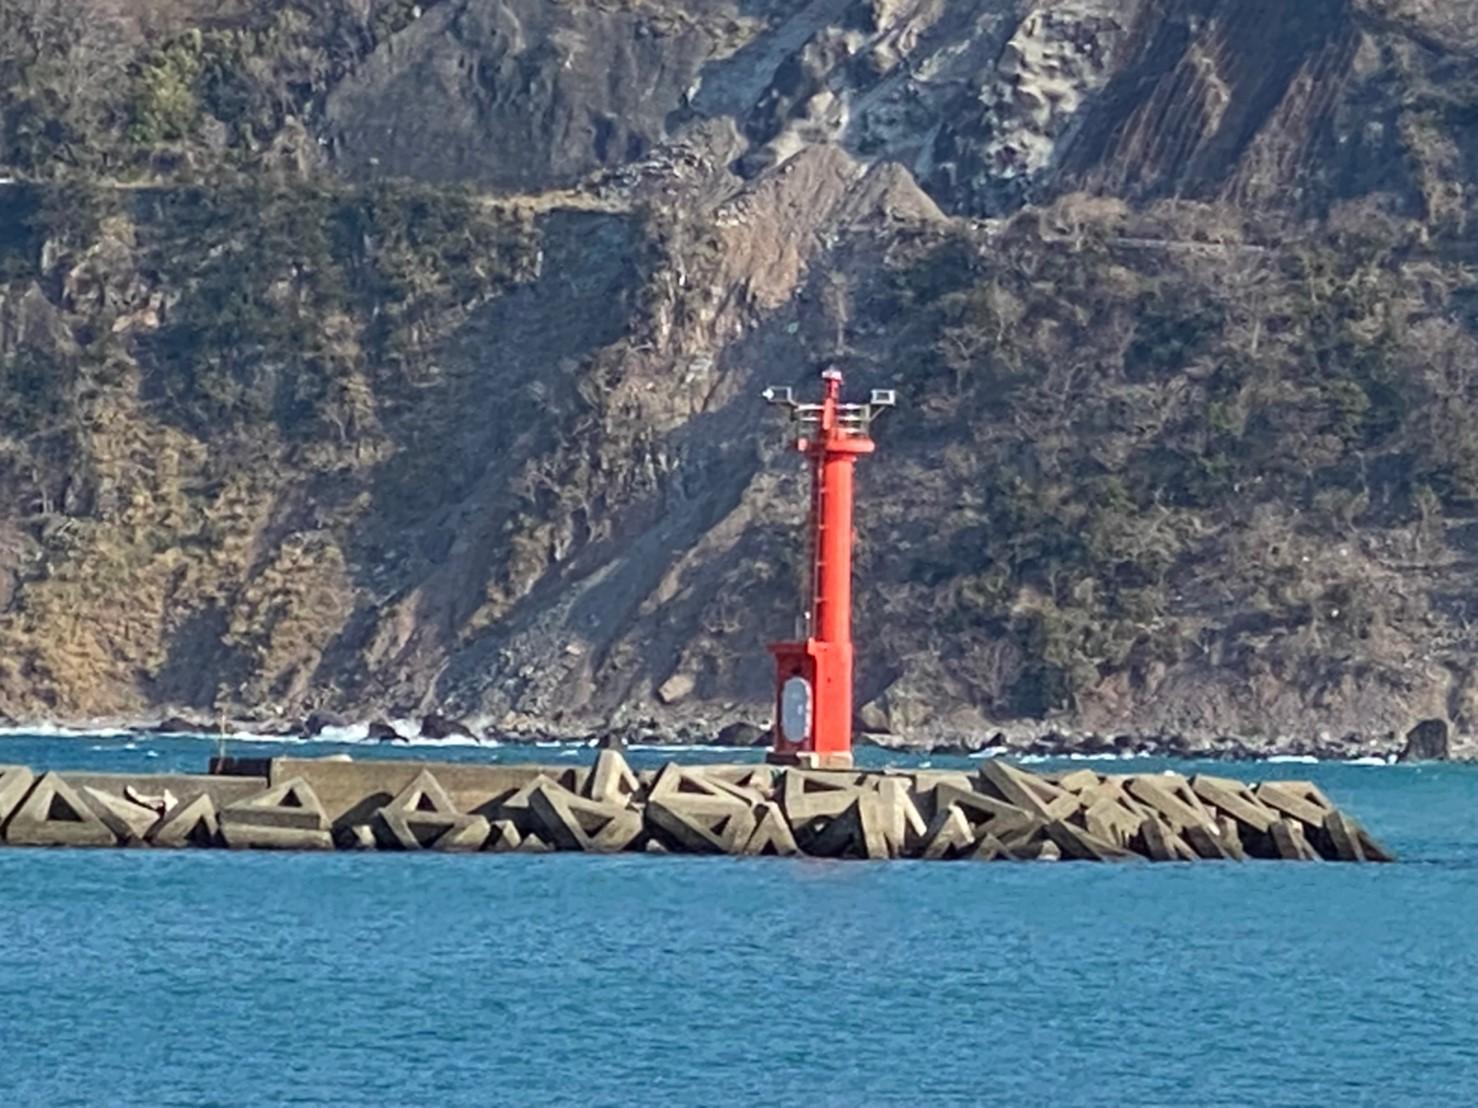 【西伊豆|西伊豆町】『宇久須港』の釣り場ガイド(釣れる魚・駐車場)